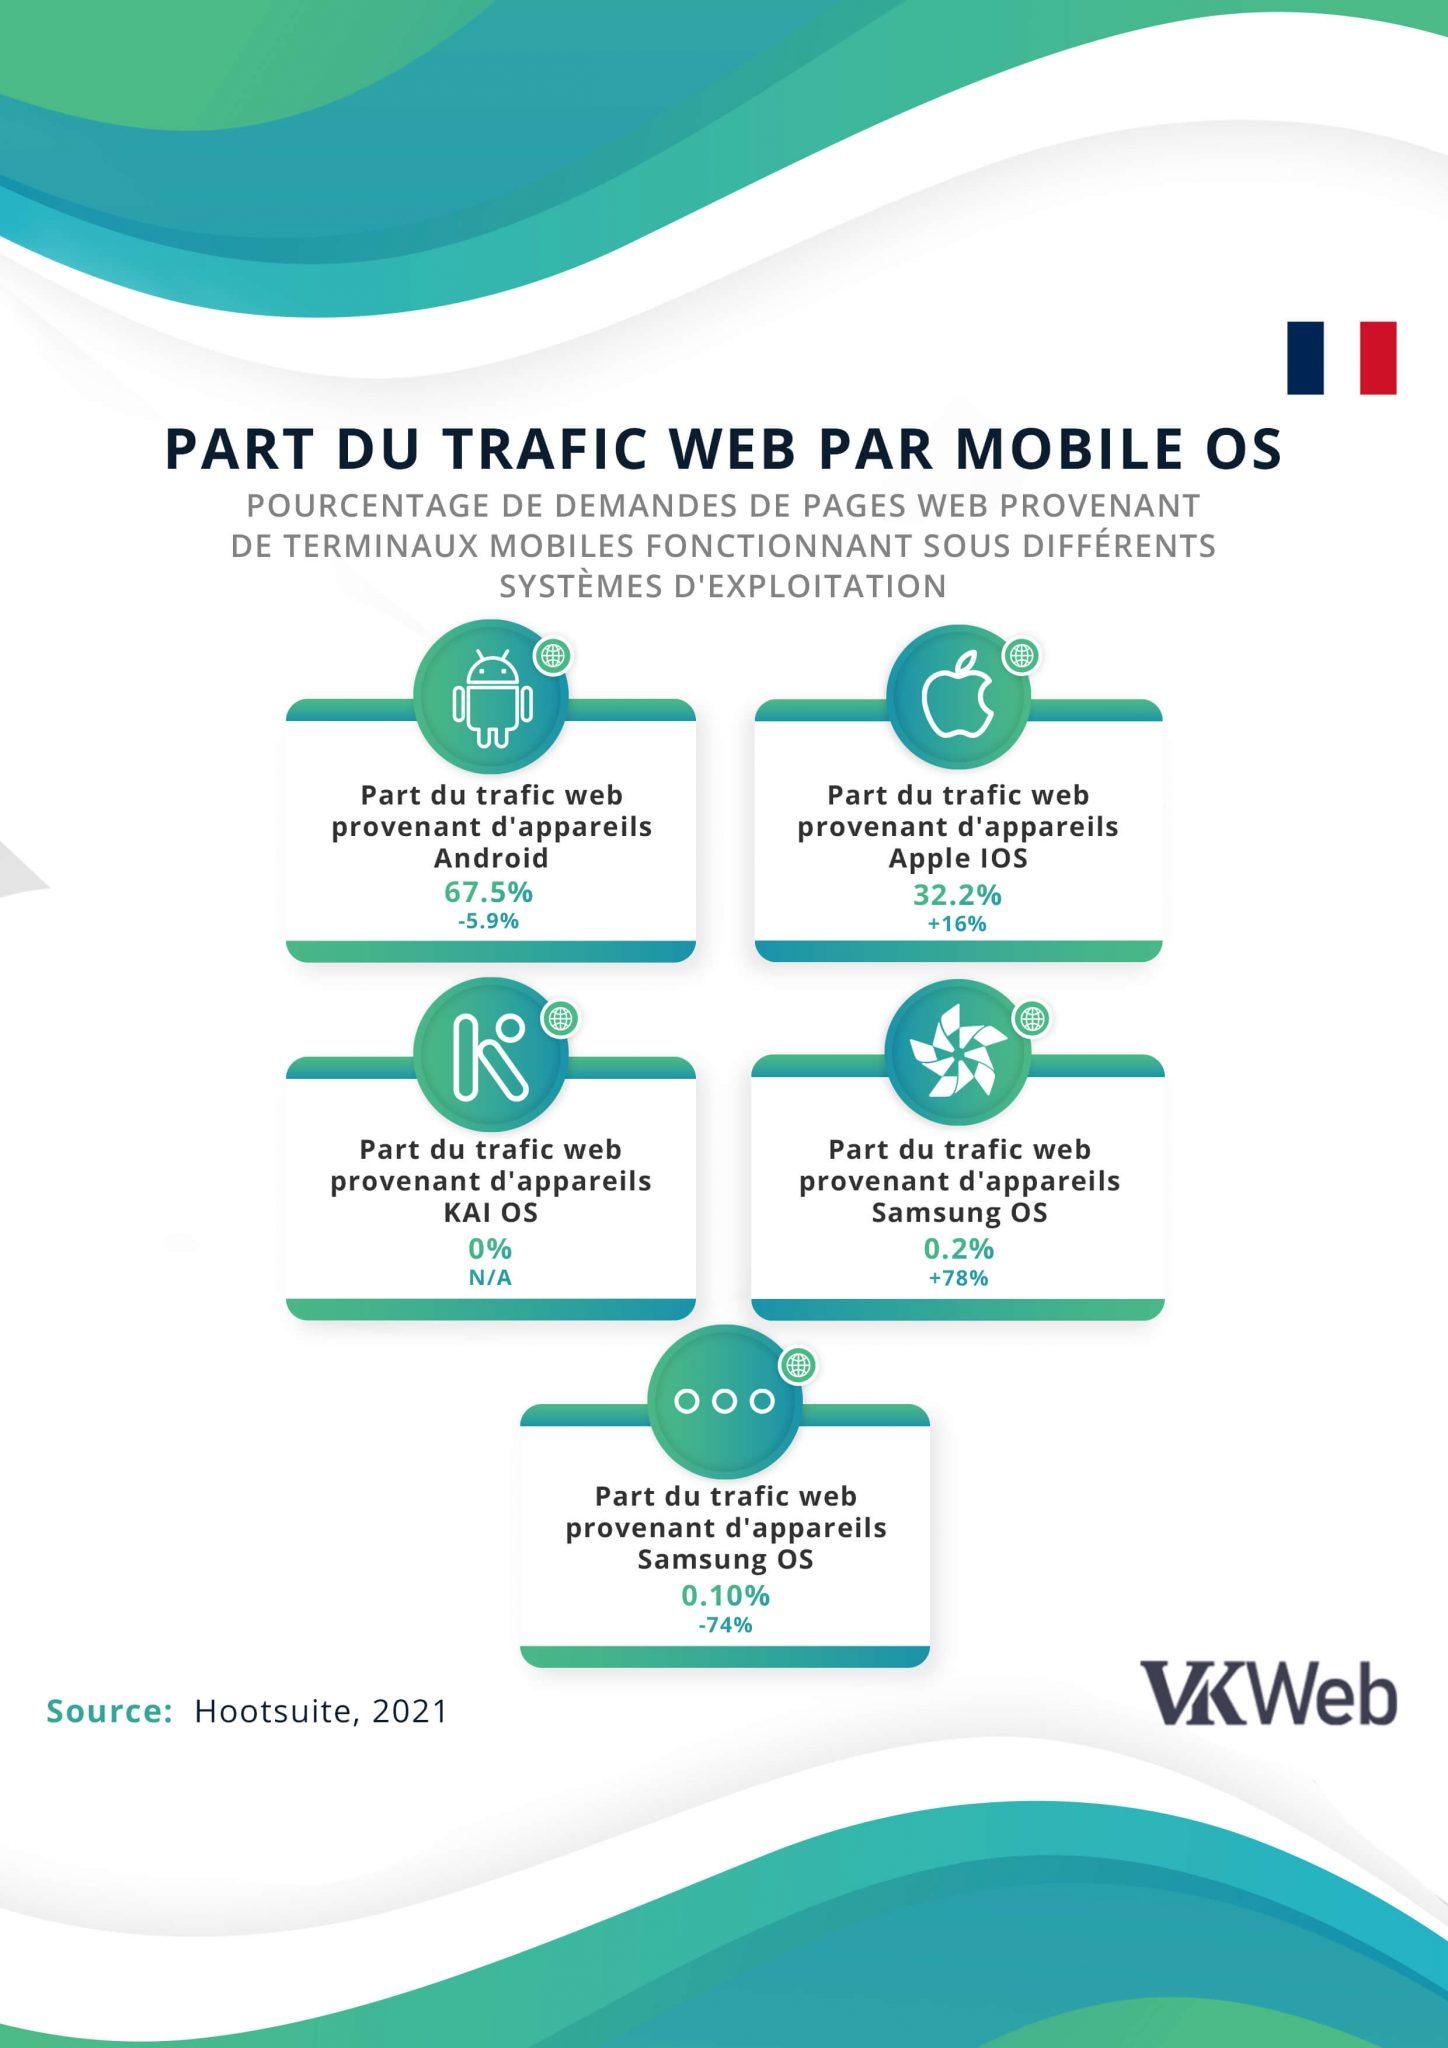 Part du trafic web provenant de différents OS mobiles en France